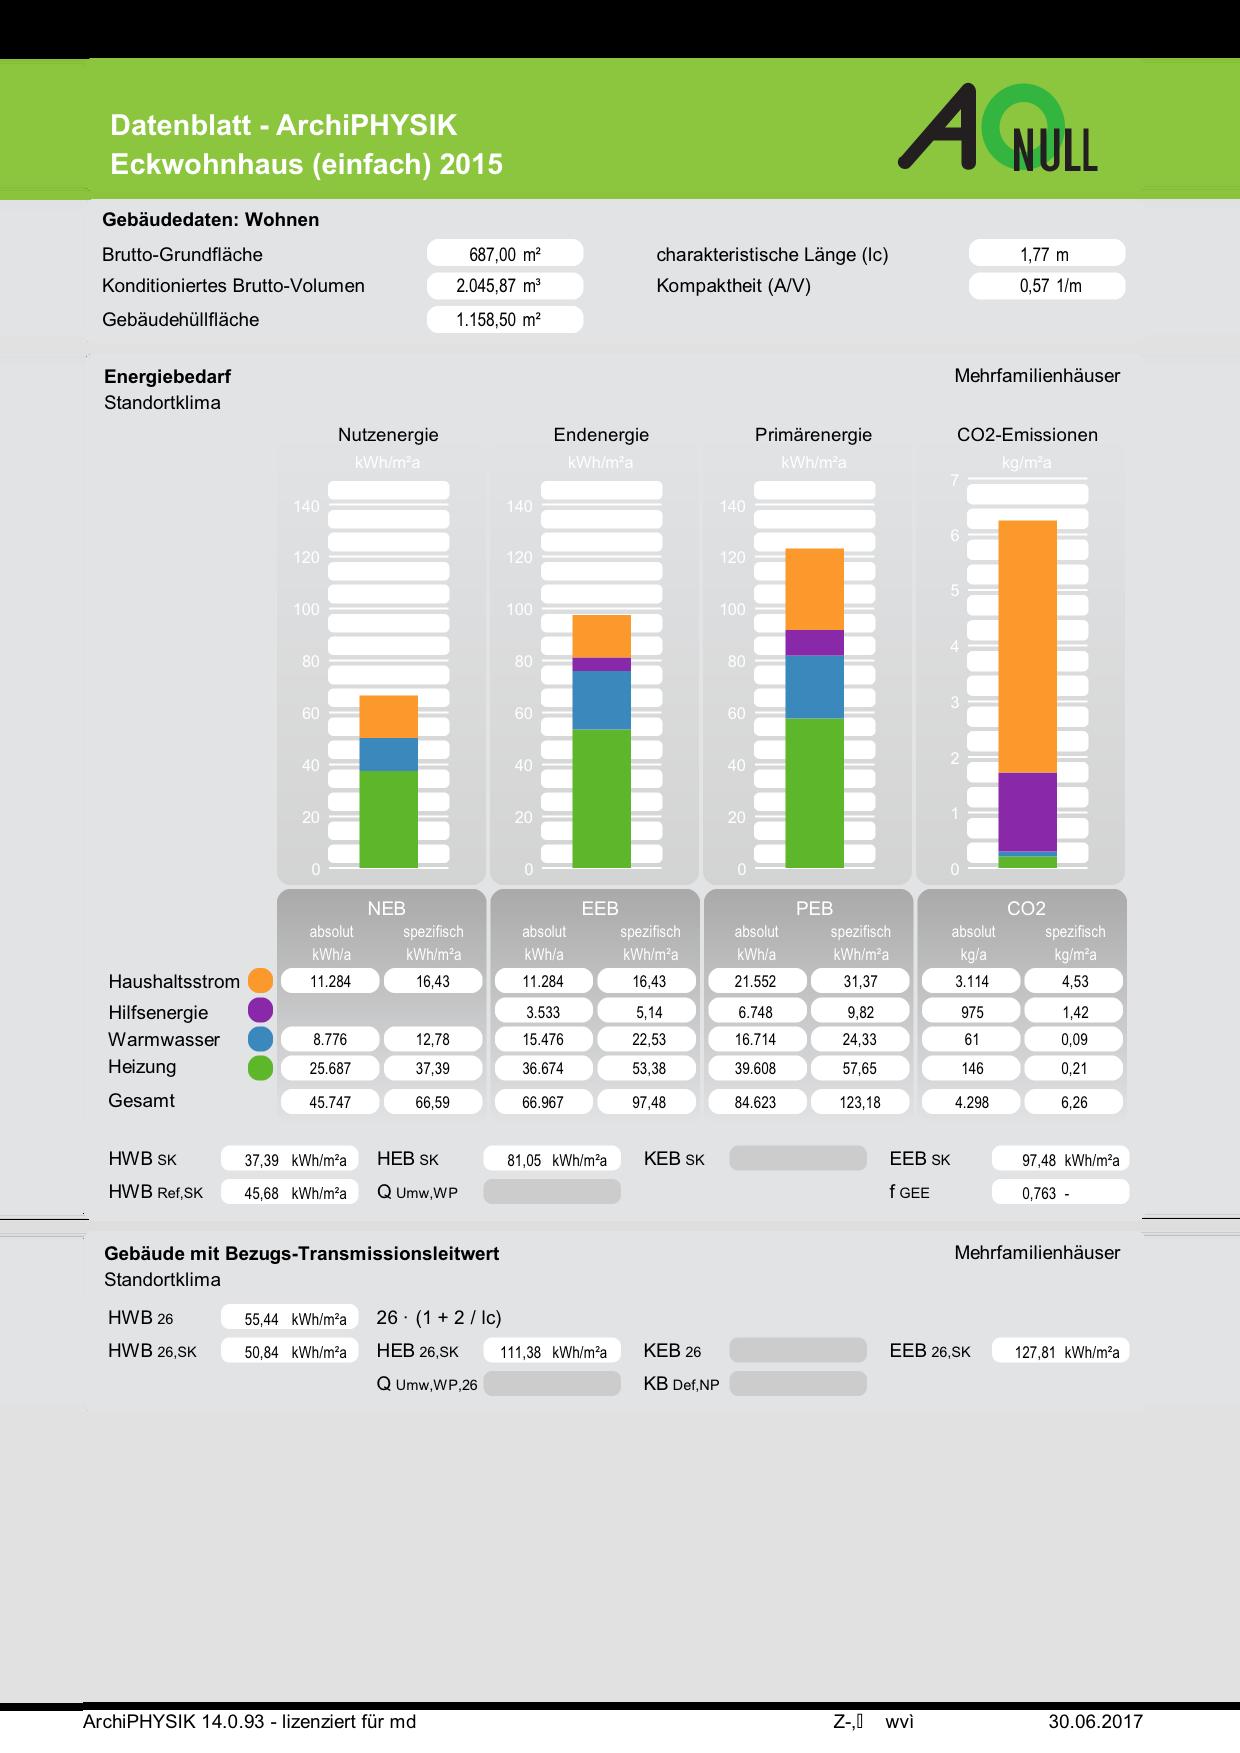 Eines der Datenblätter Energiebedarf für Wohngebäude: Energieausweis OIB RL6 2015 Wohngebäude Energiebedarf Standortklima